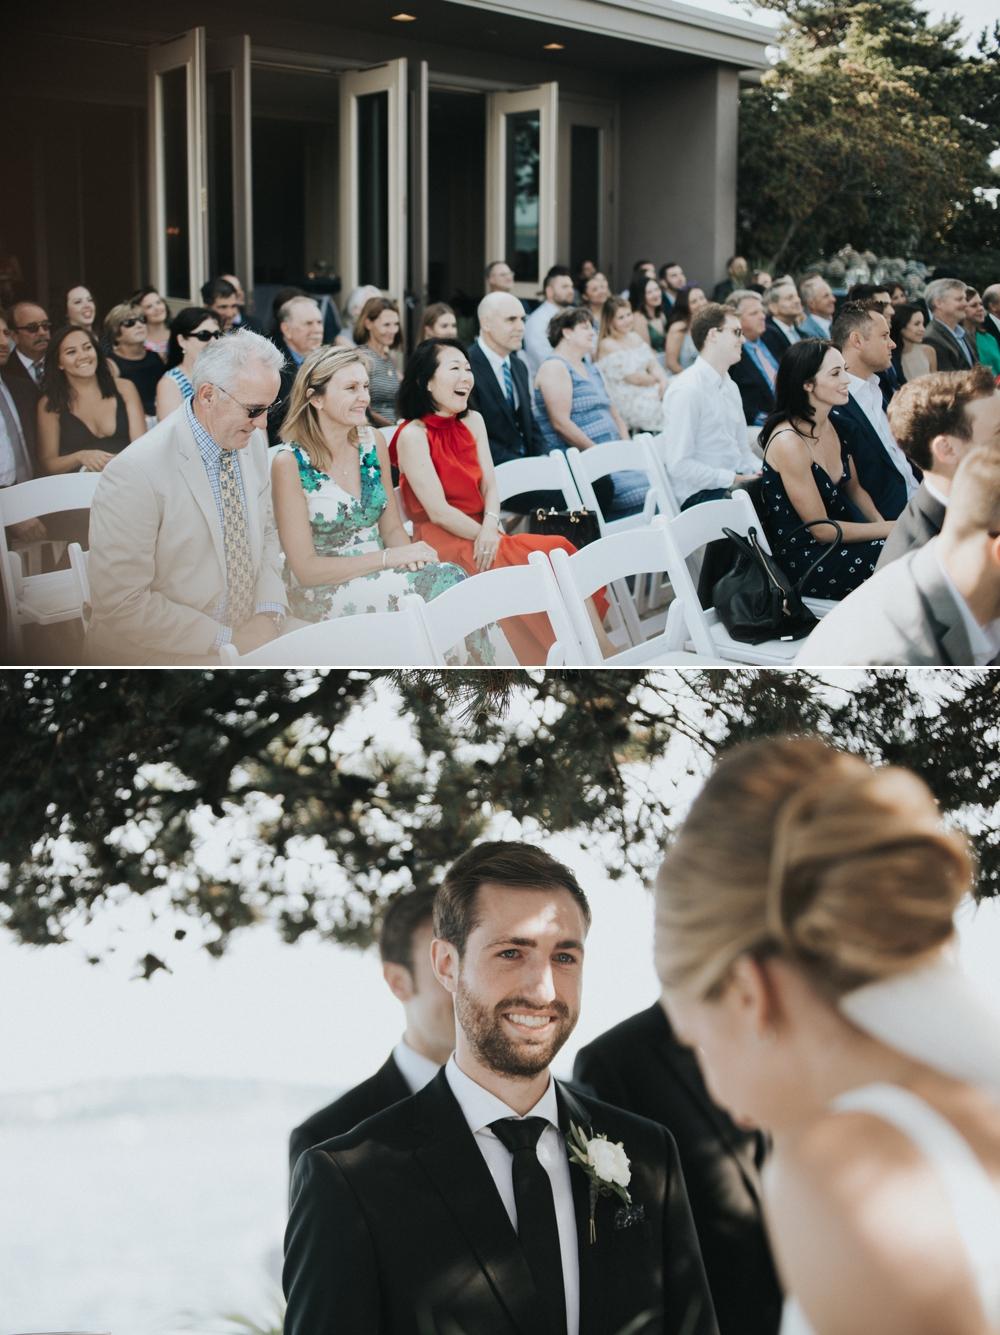 wedding-guests-smile-as-groom-sees-bride